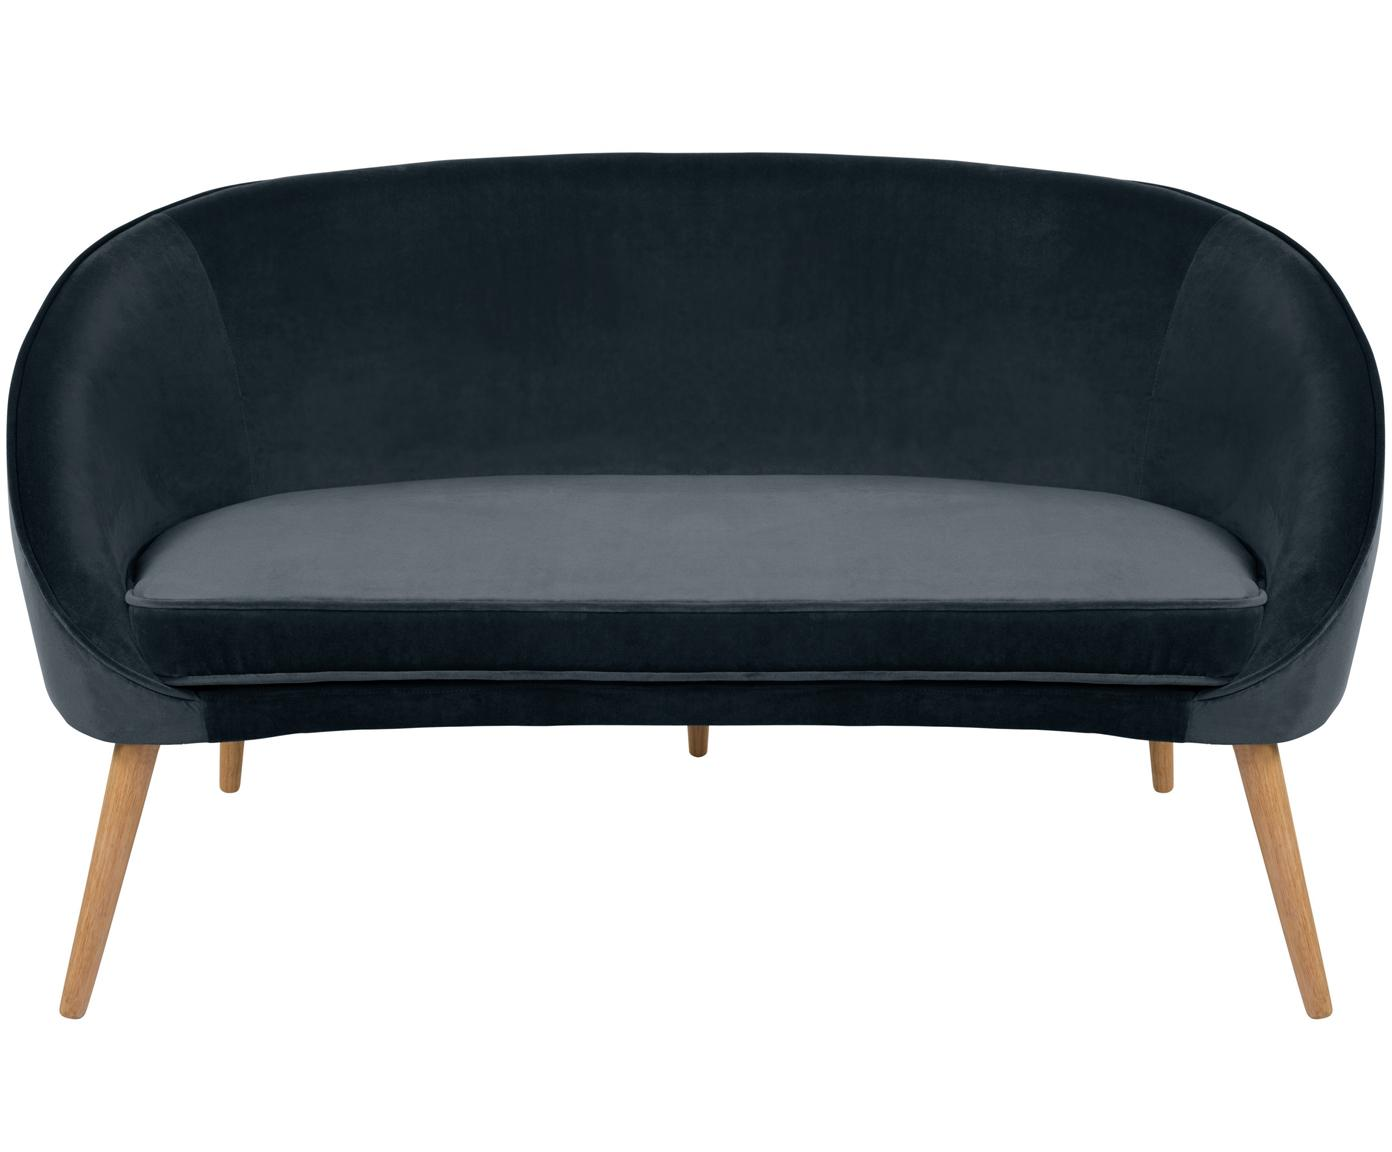 Sofa z aksamitu Safir (2-osobowa), Tapicerka: aksamit poliestrowy 5000, Nogi: drewno orzechowe, bejcowa, Ciemnyszary, S 136 x G 66 cm